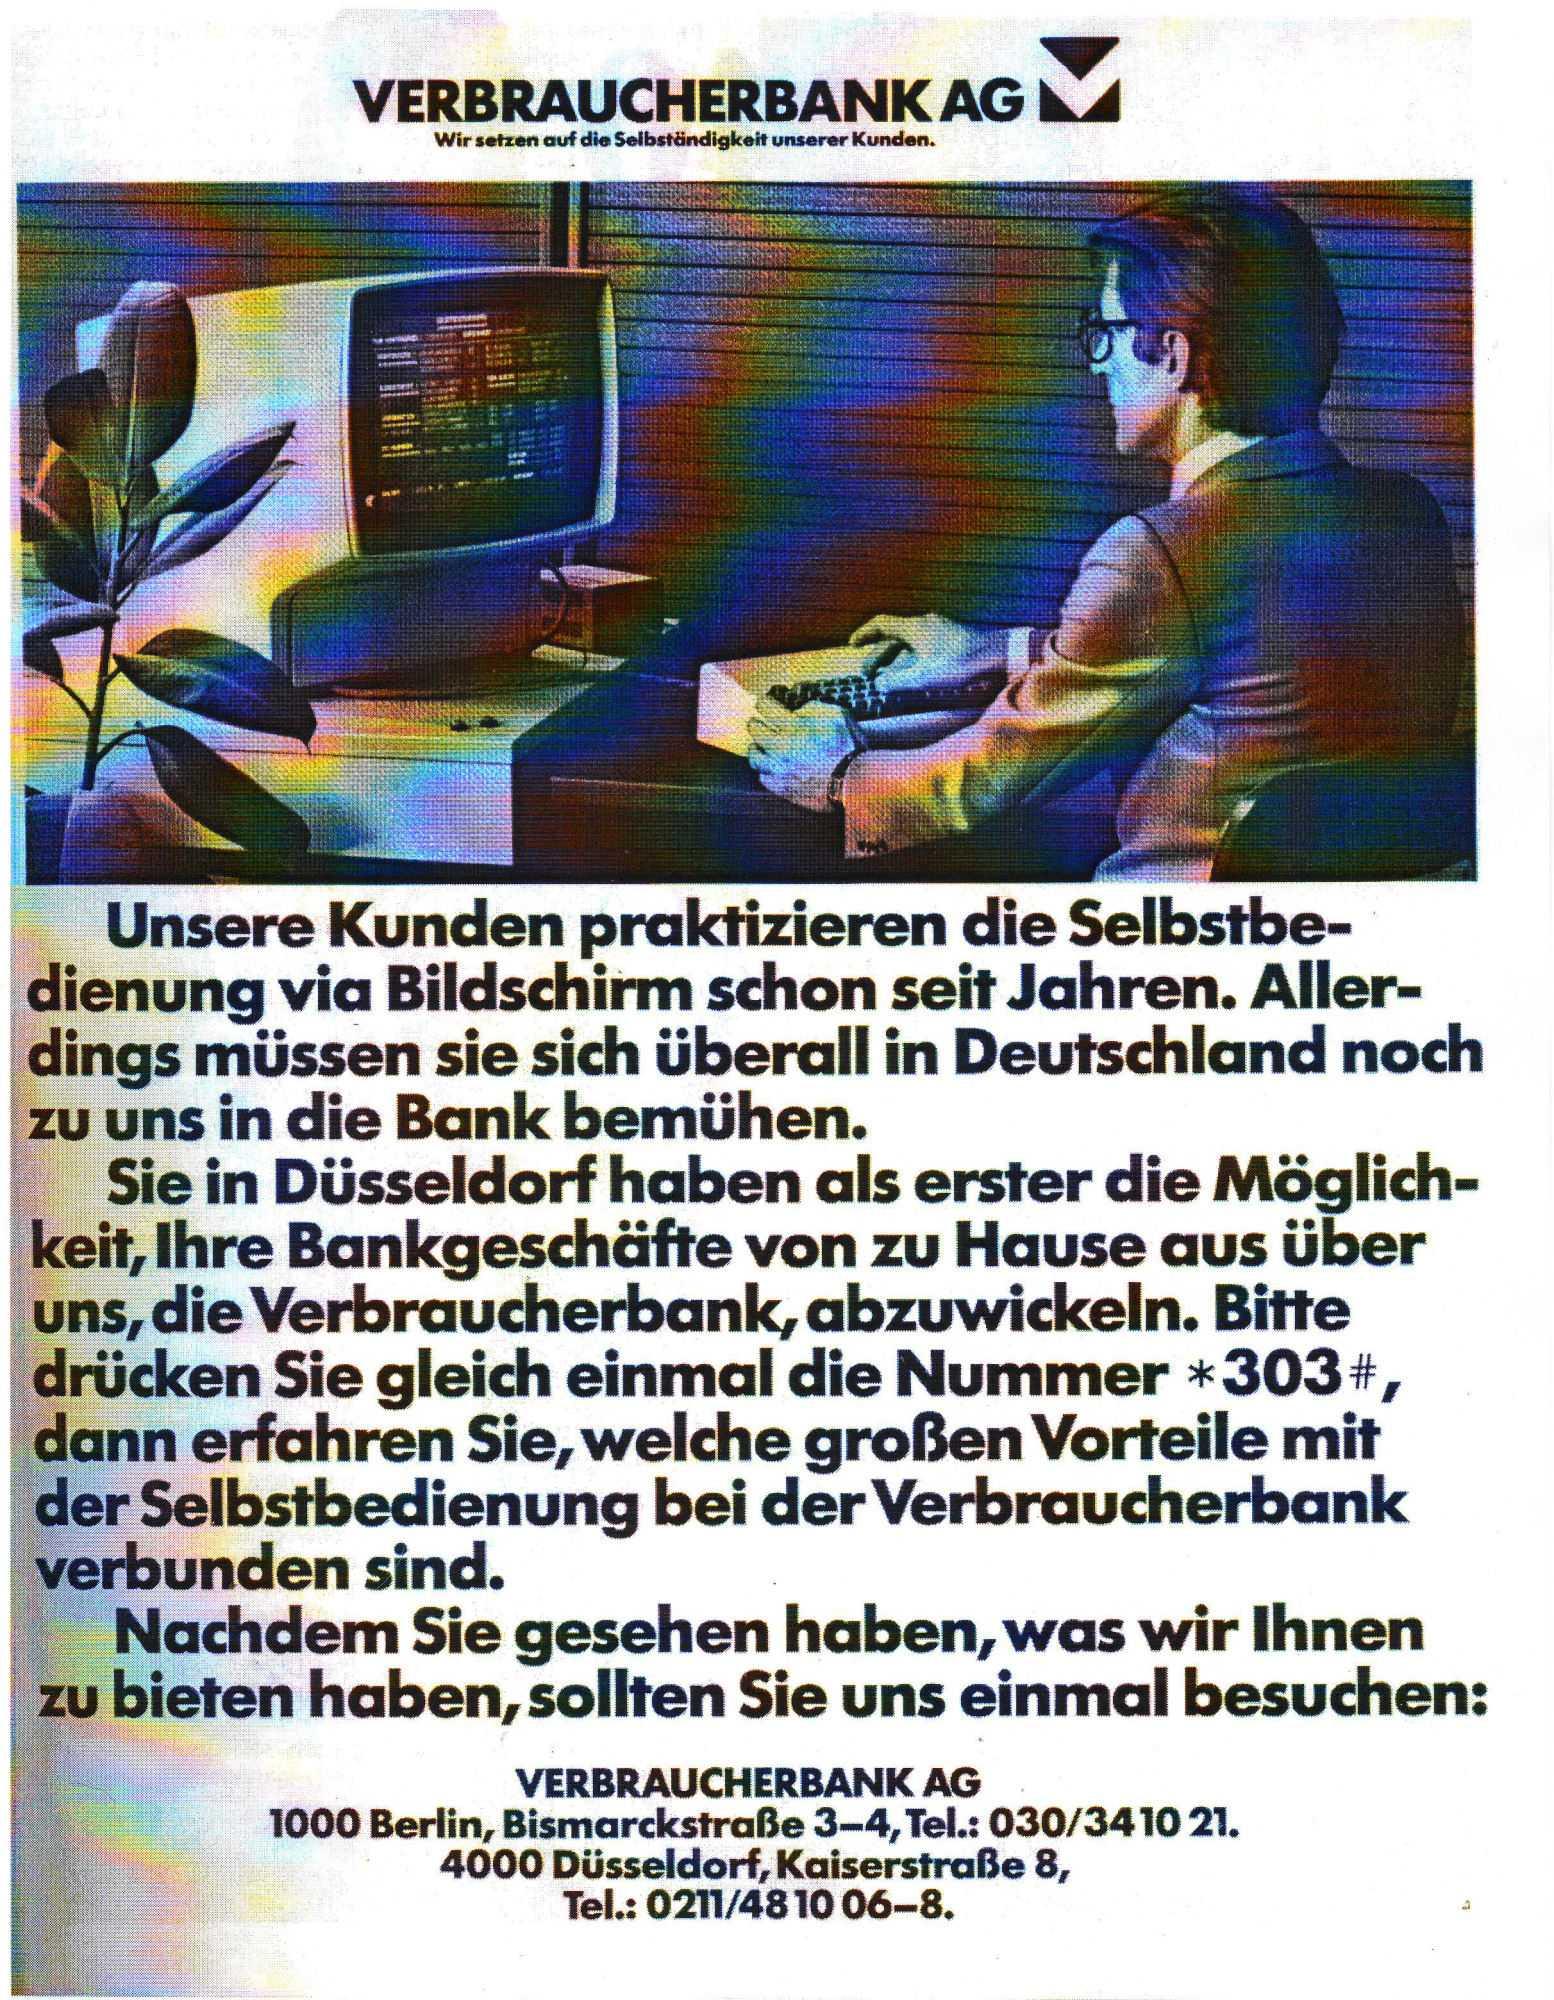 Werbung fürs Online-Banking im Jahr 1980...